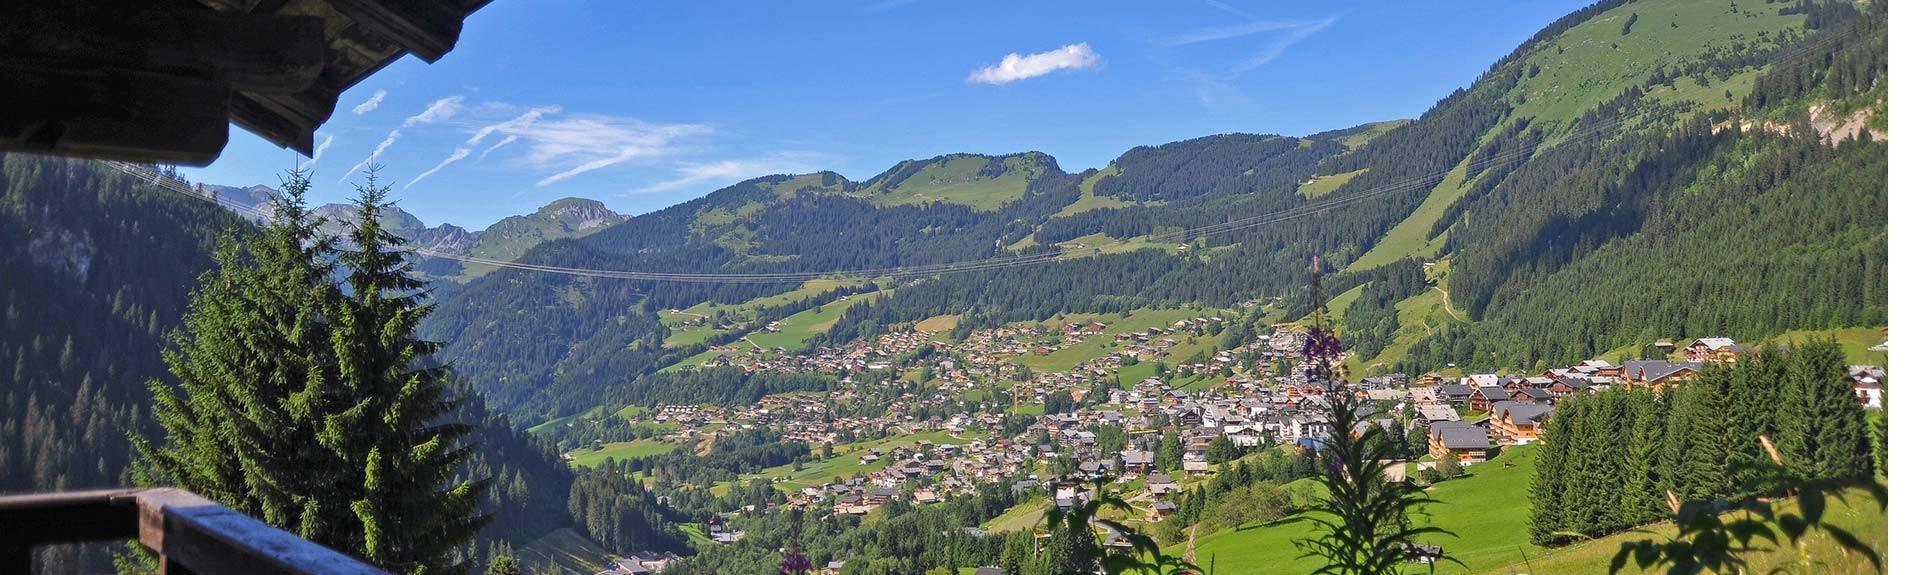 Châtel village